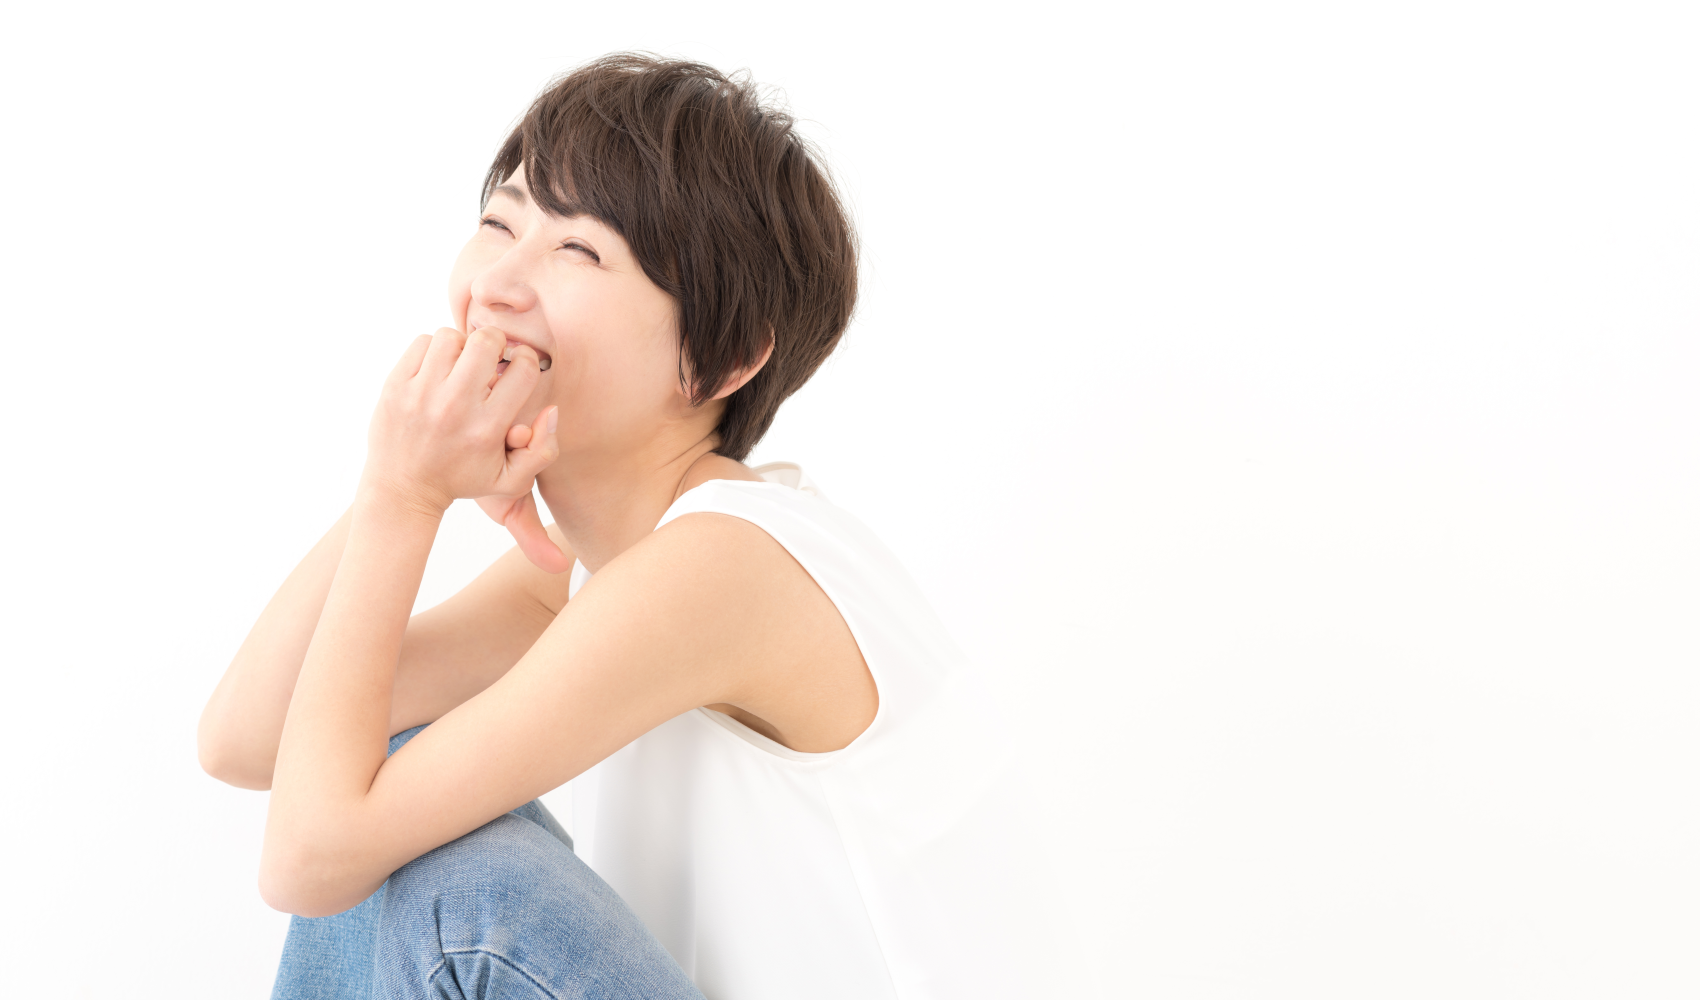 大阪のHSP専門カウンセリングキャラクタースタイル研究所